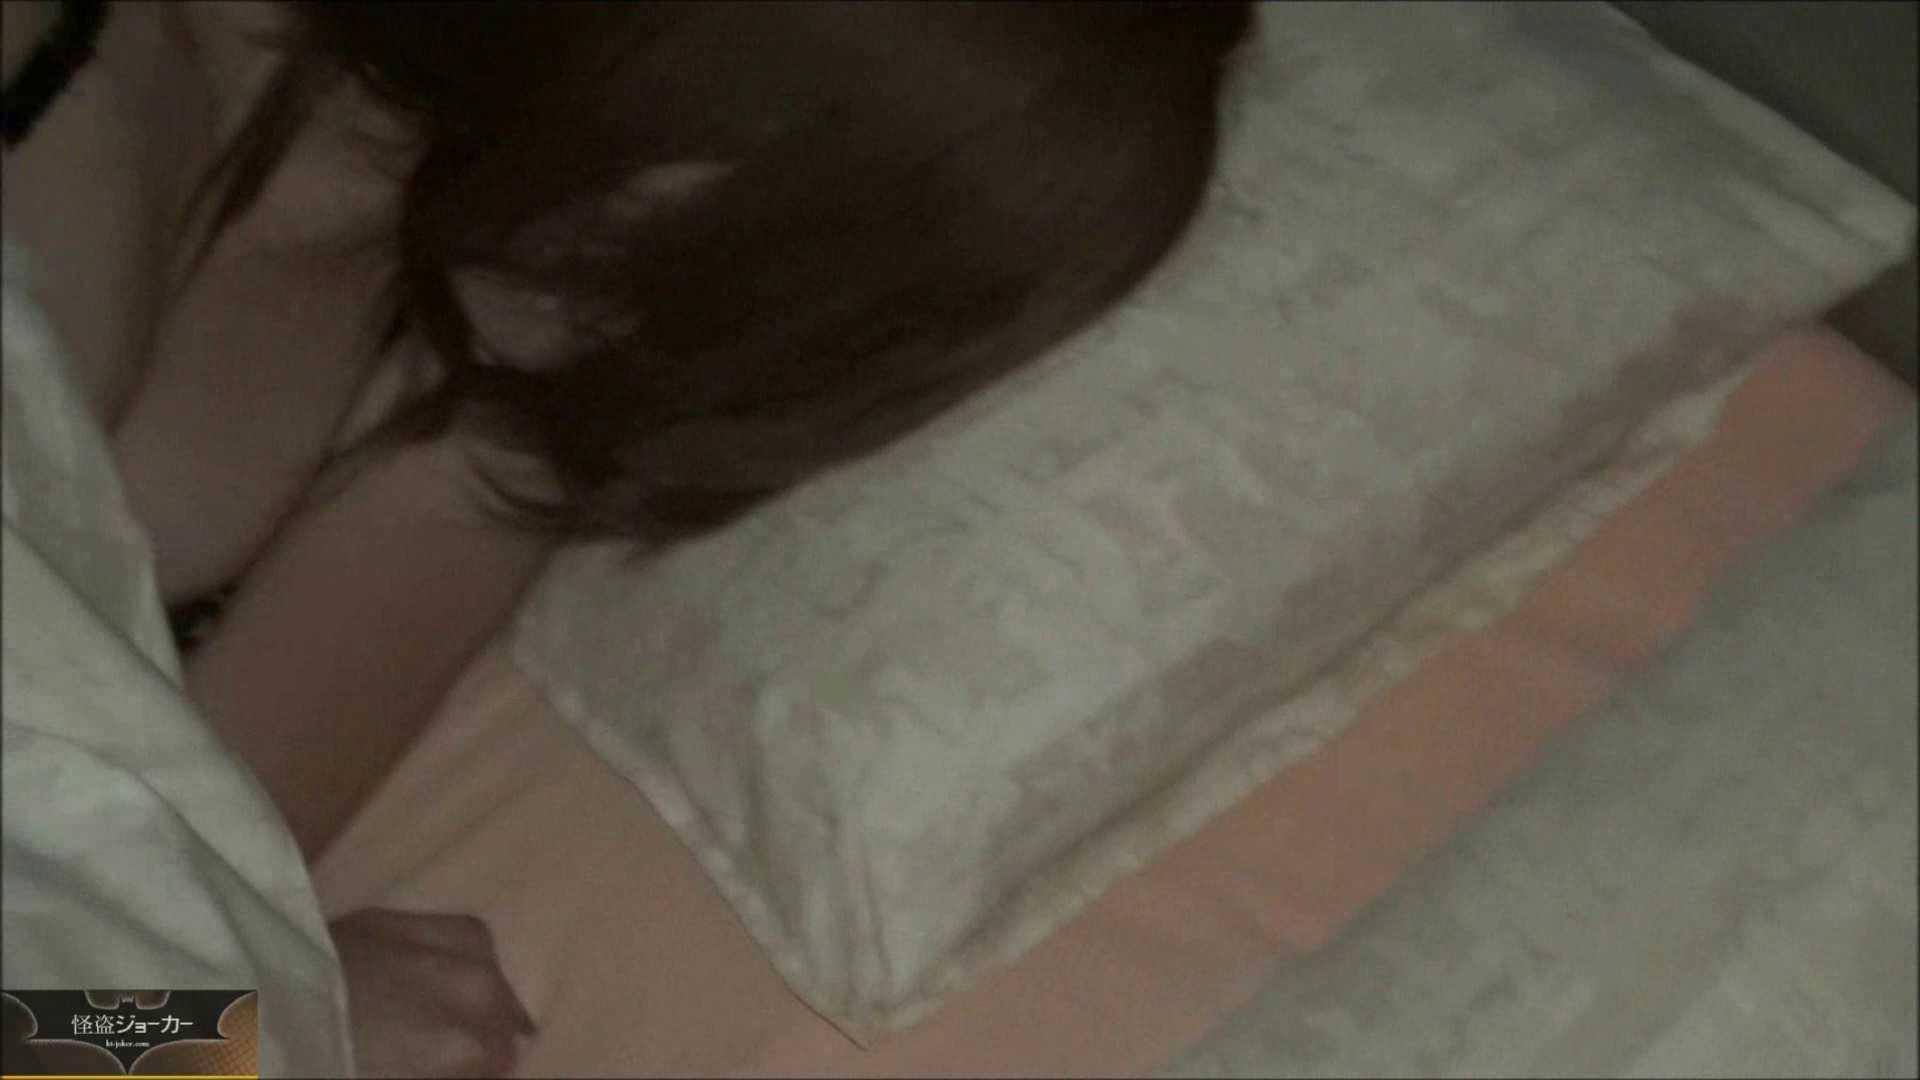 【未公開】vol.72 {西野カナ似の美系大学生}Y・Iちゃん③ 0  104pic 76